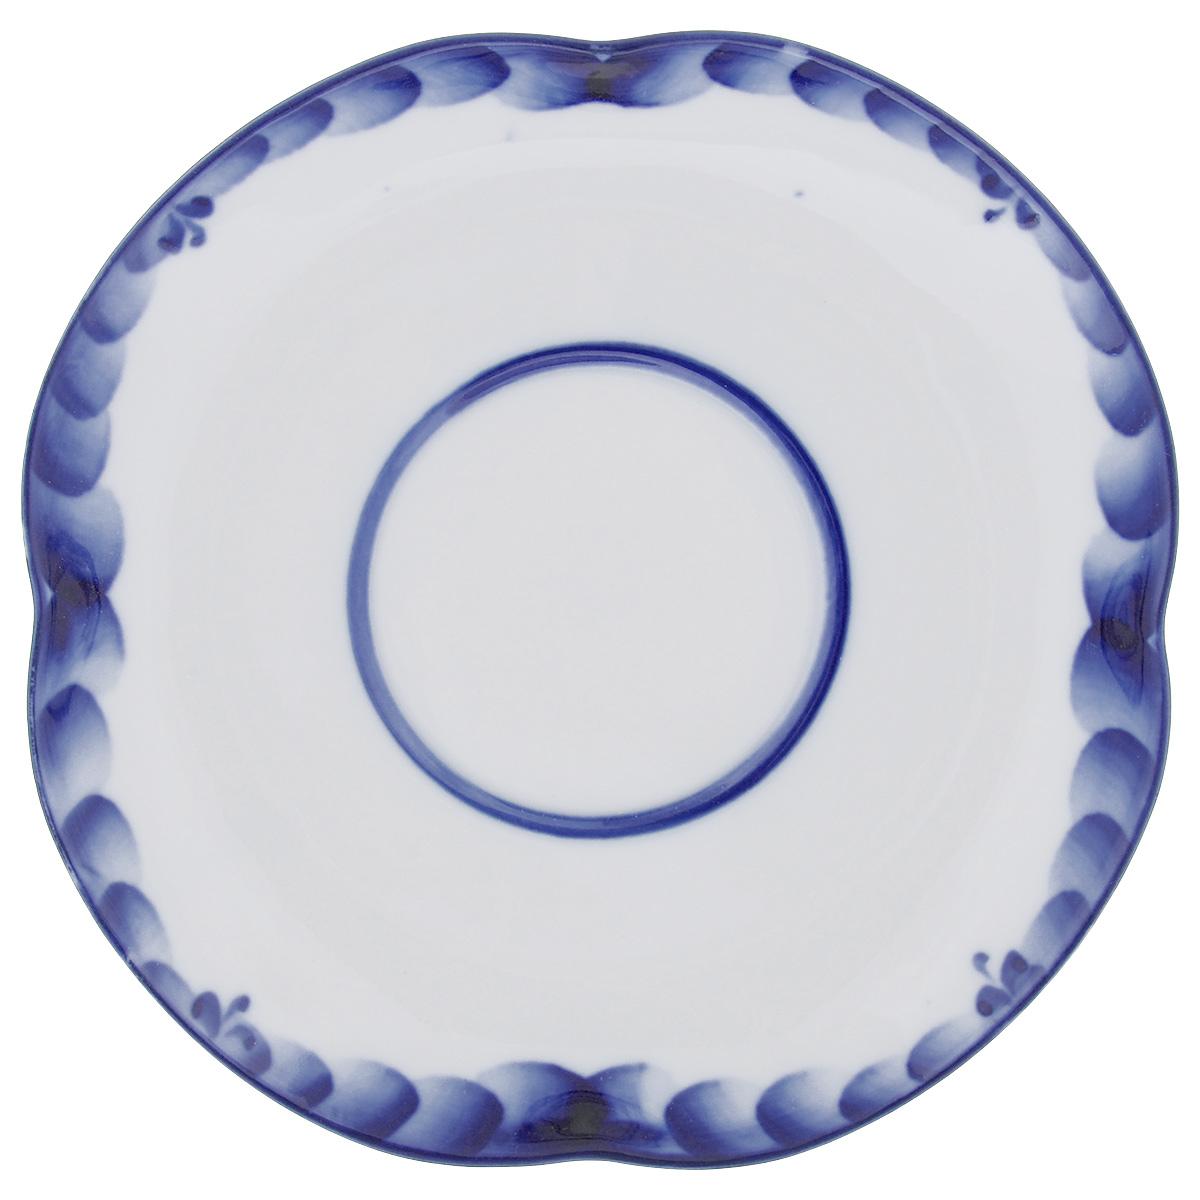 Блюдце Голубая Рапсодия, цвет: белый, синий, 15,5 см х 15,5 см. 993003571993003571Блюдце Голубая Рапсодия, изготовленное из фарфора, доставит истинное удовольствие ценителям прекрасного. Изделие выполнено в стиле гжель и расписано вручную. Яркий дизайн, несомненно, придется вам по вкусу. Блюдце Голубая Рапсодия украсит ваш кухонный стол, а также станет замечательным подарком к любому празднику. Не применять абразивные чистящие средства. Не использовать в микроволновой печи. Мыть с применением нейтральных моющих средств. Не рекомендуется использовать в посудомоечных машинах. Размеры салатника: 15,5 см х 15,5 см х 2 см.